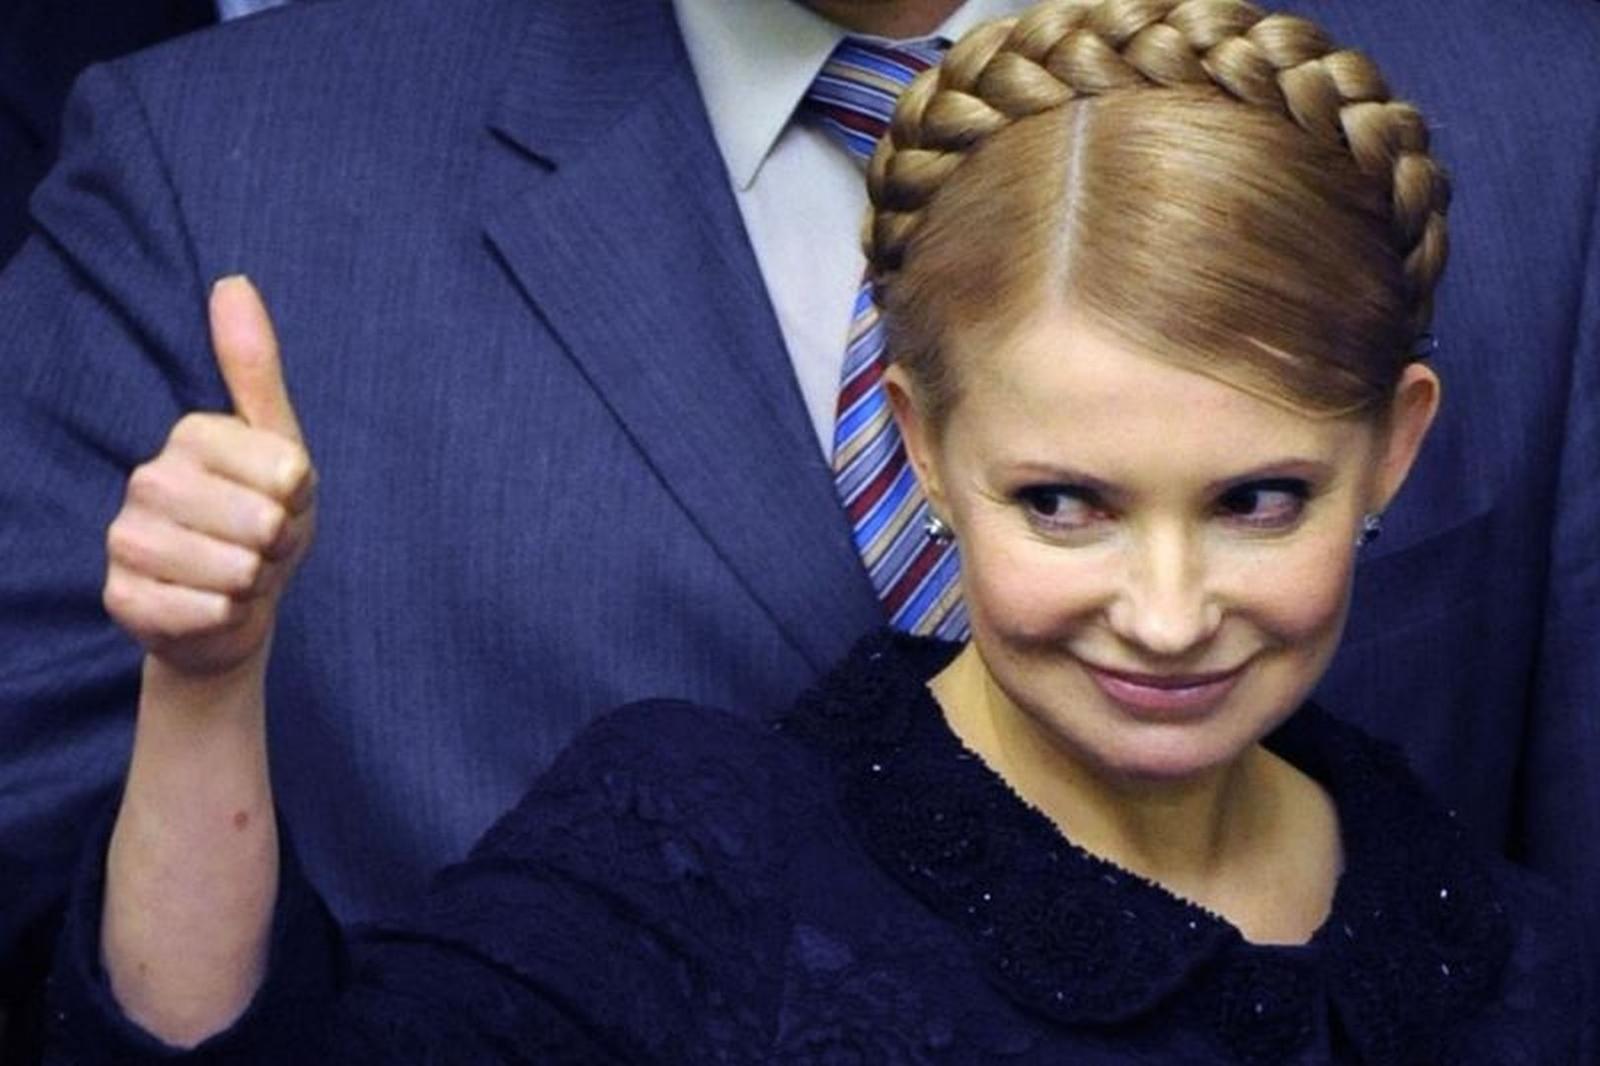 Обнаженка поукраински: мужчина разделся перед Тимошенко вовремя еёвыступления